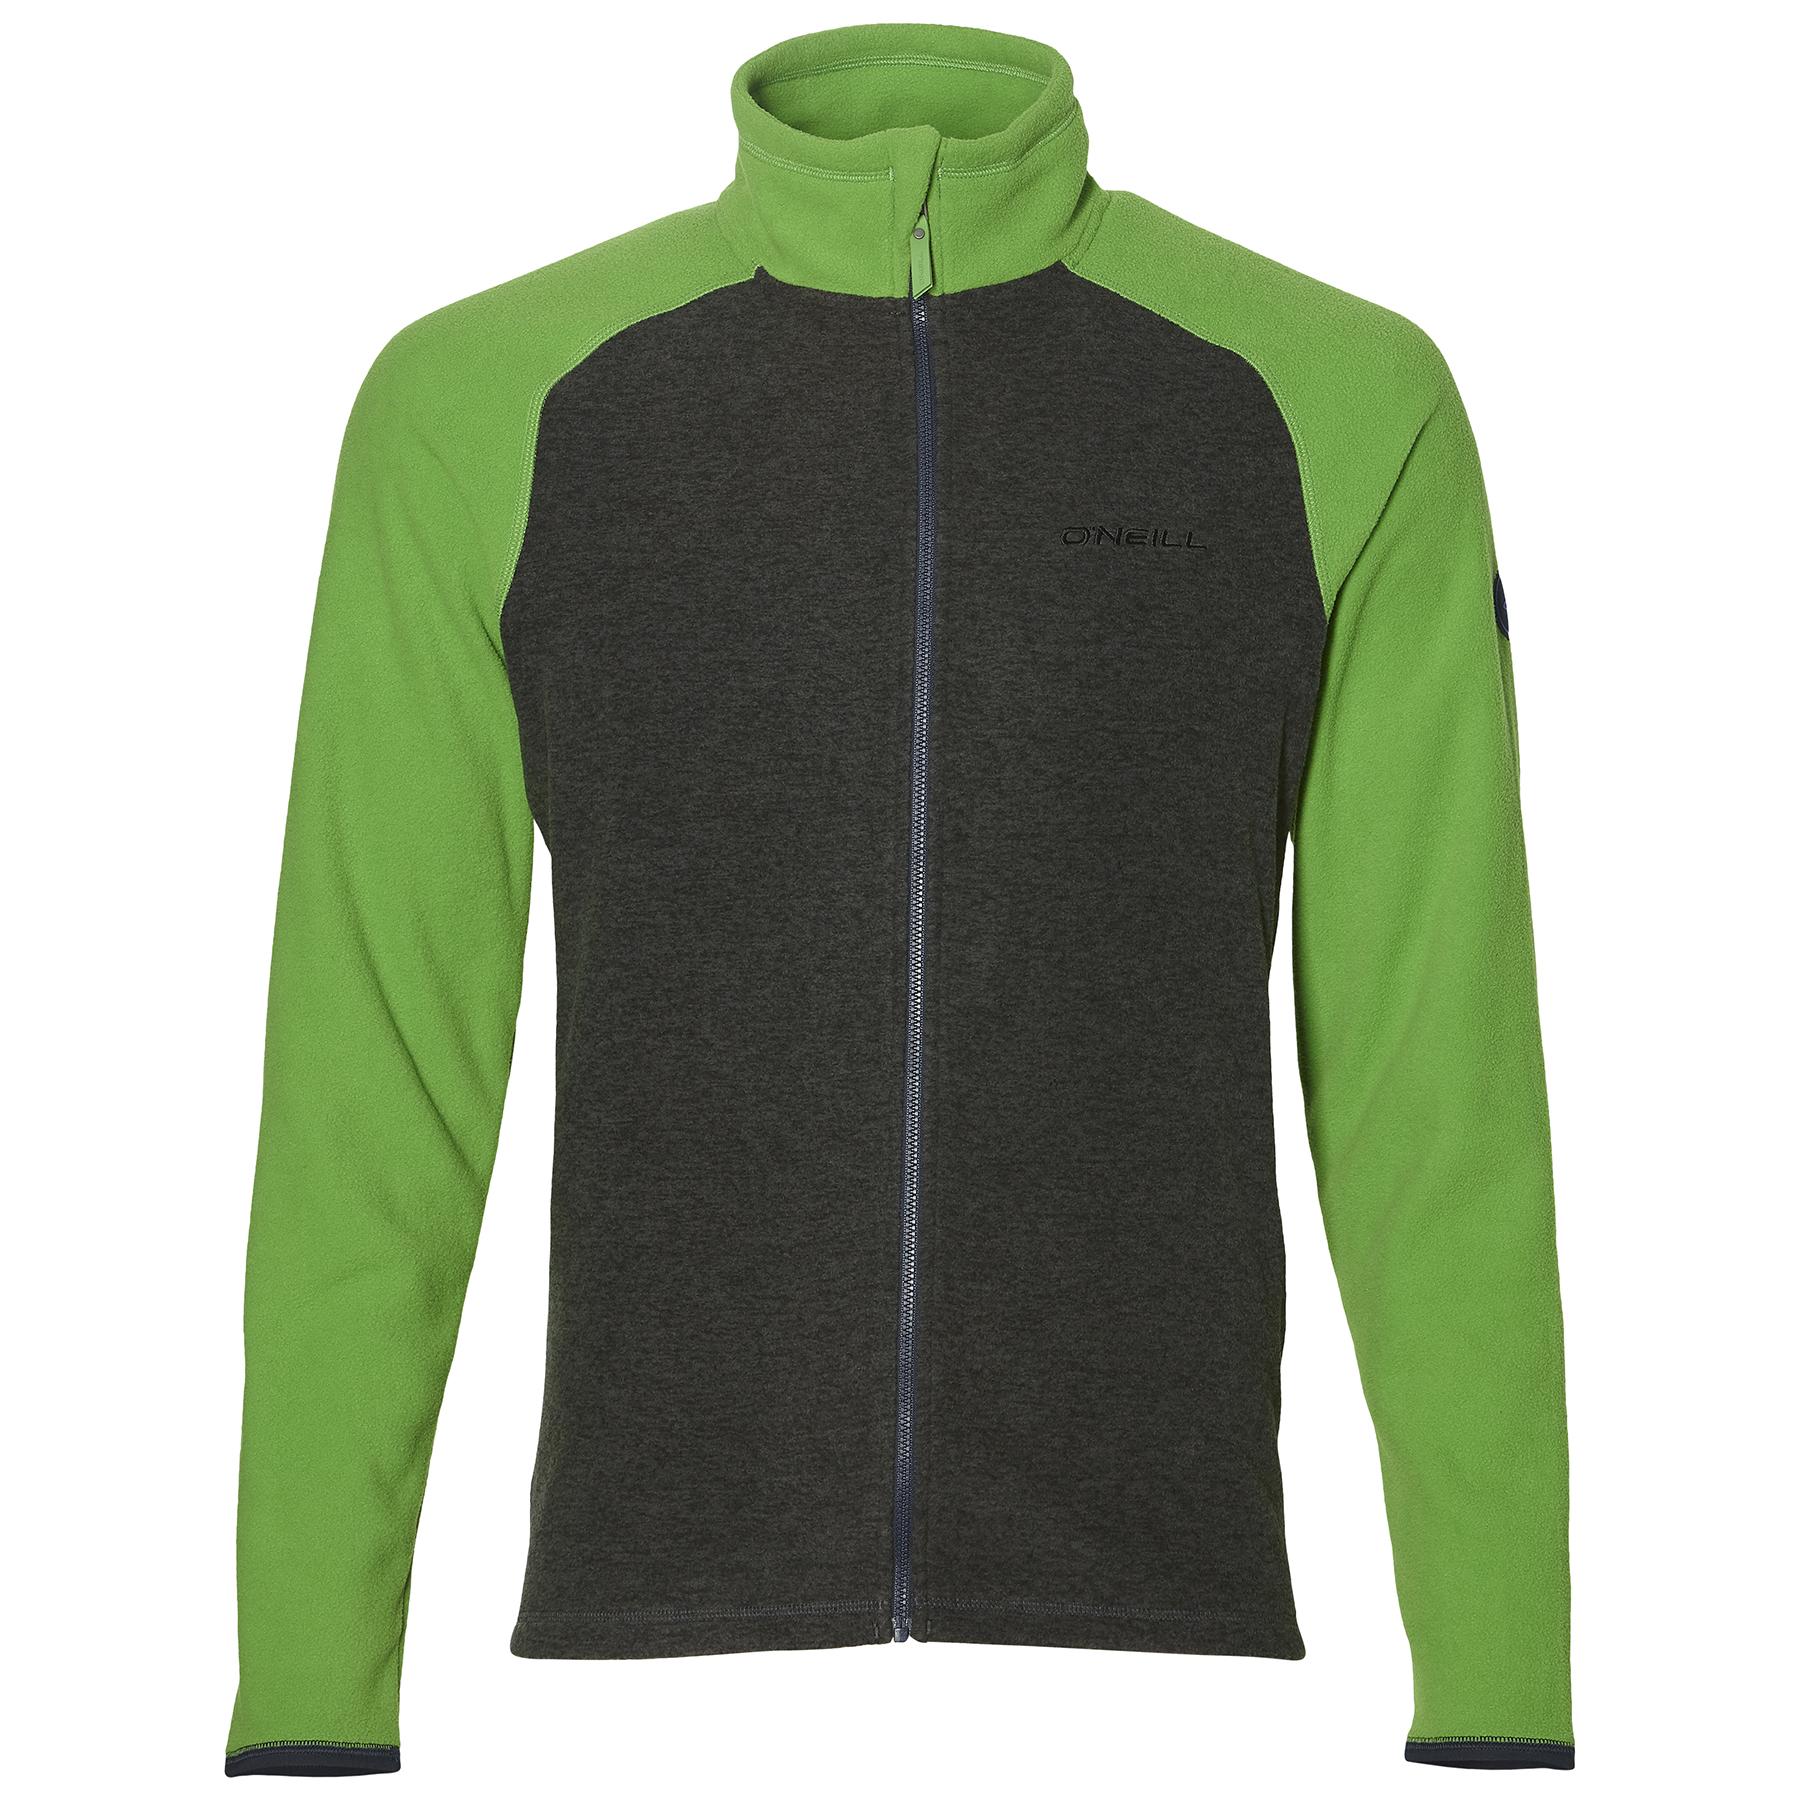 Details zu O'Neill Mädchen Damen Fleece Kapuzen Jacke Pullover Gr.164 XS S 34 36